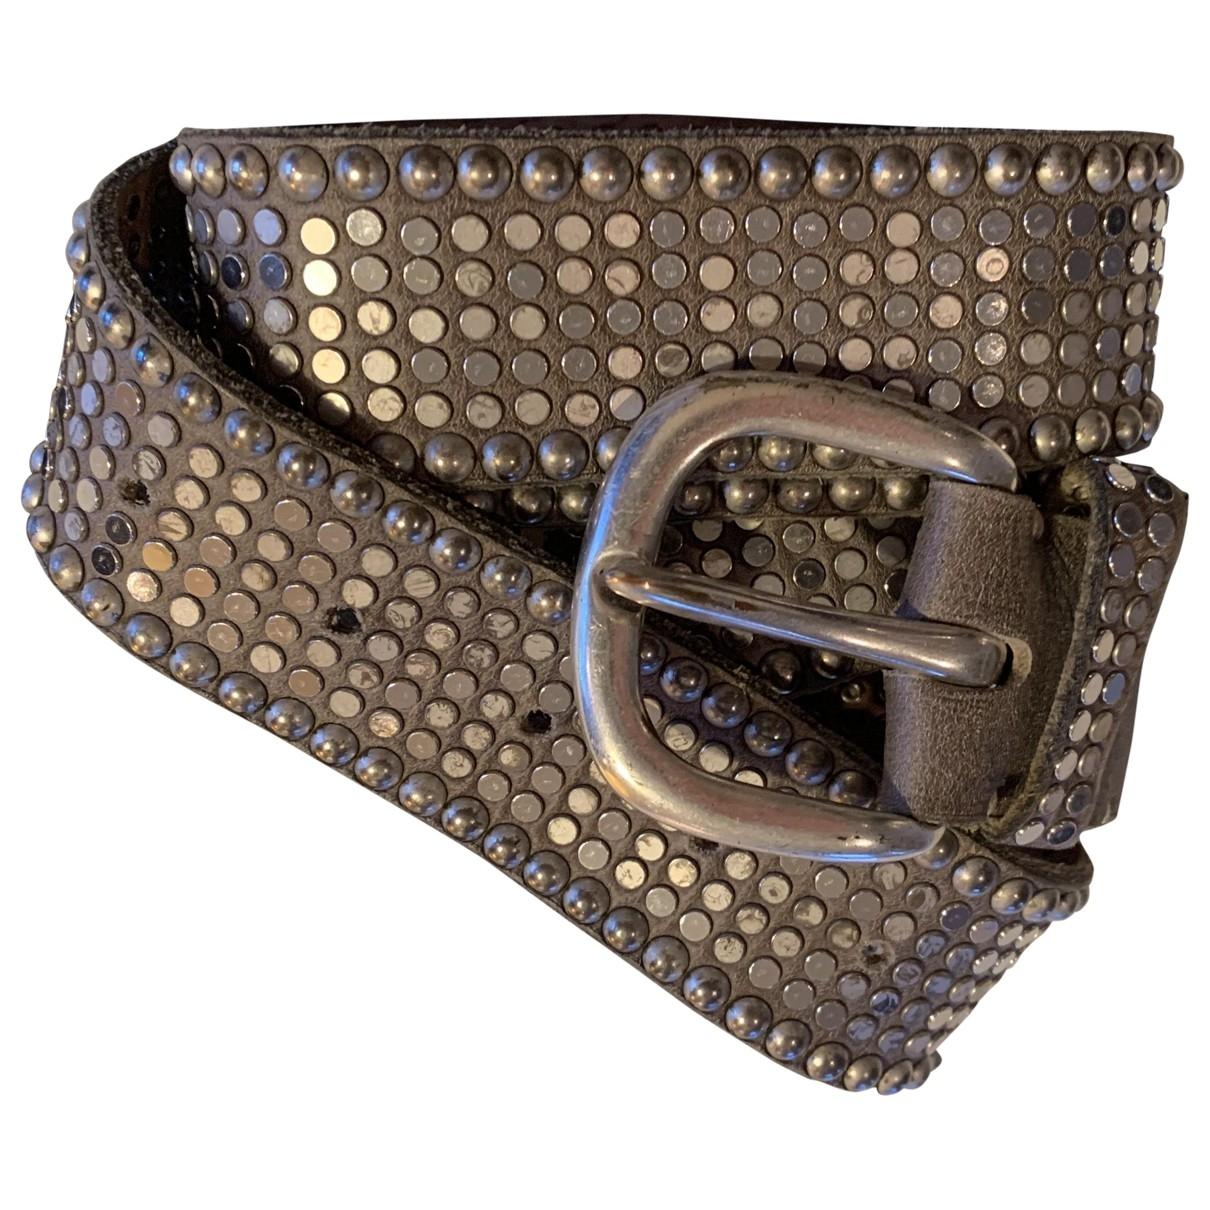 Cinturon Hippie Chic de Cuero Non Signe / Unsigned